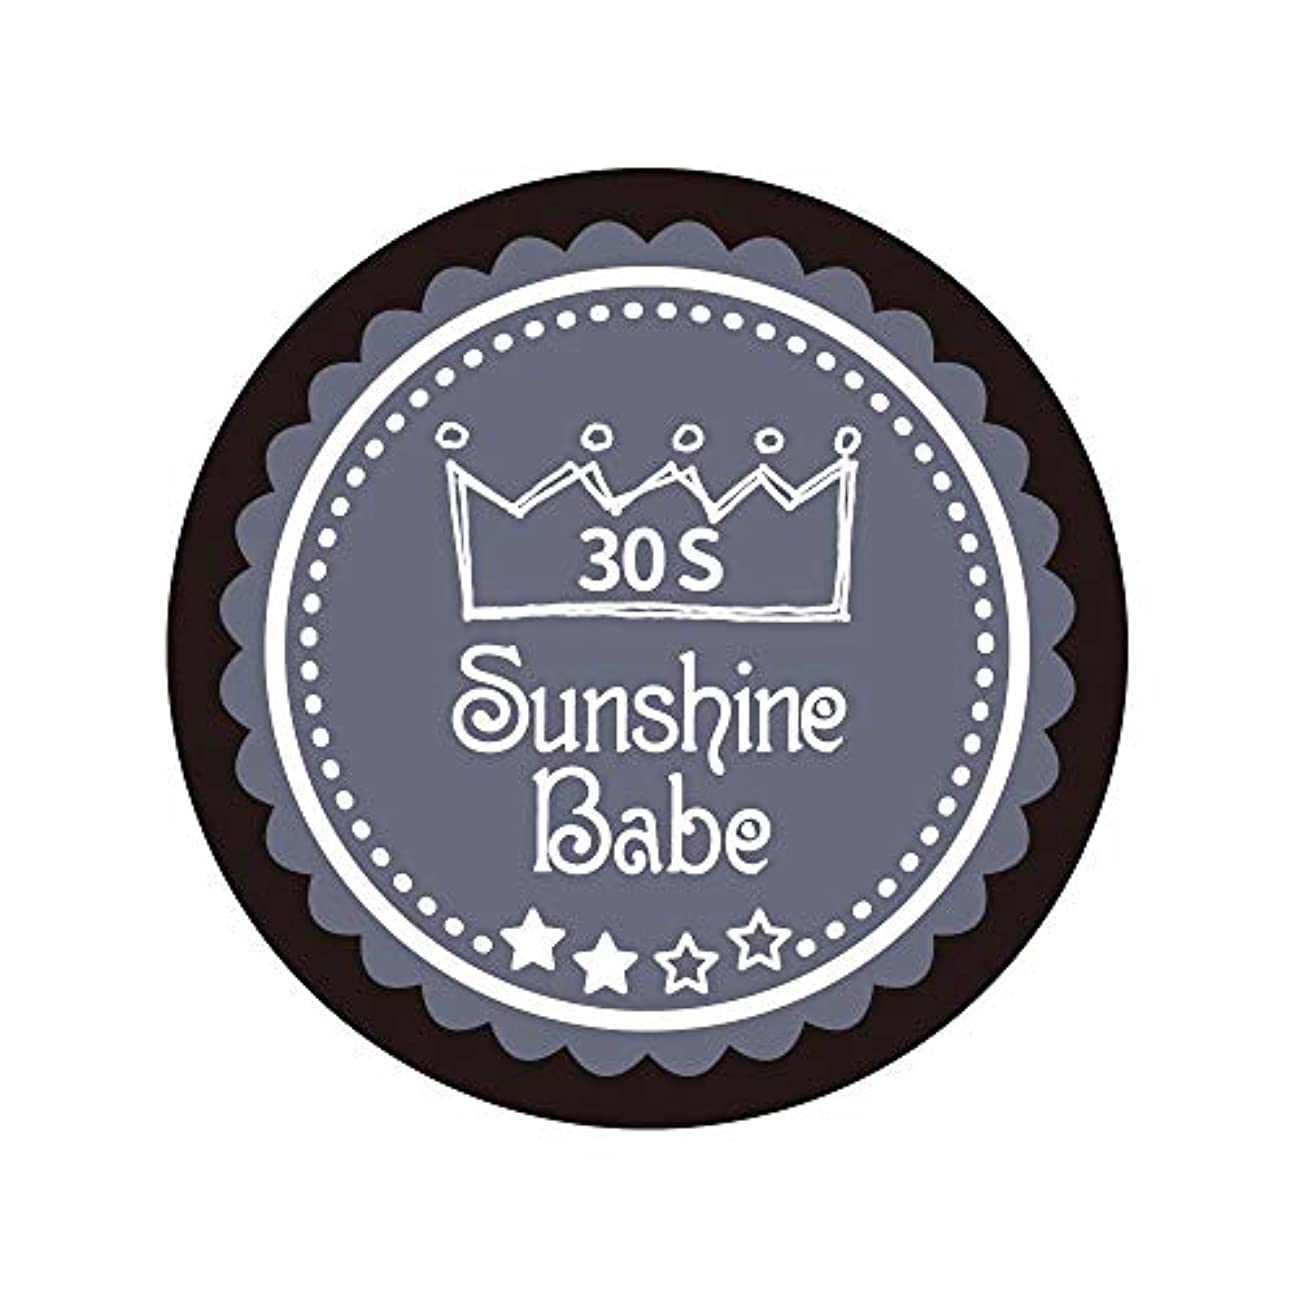 病弱受け入れた必要としているSunshine Babe カラージェル 30S チャコールグレー 2.7g UV/LED対応